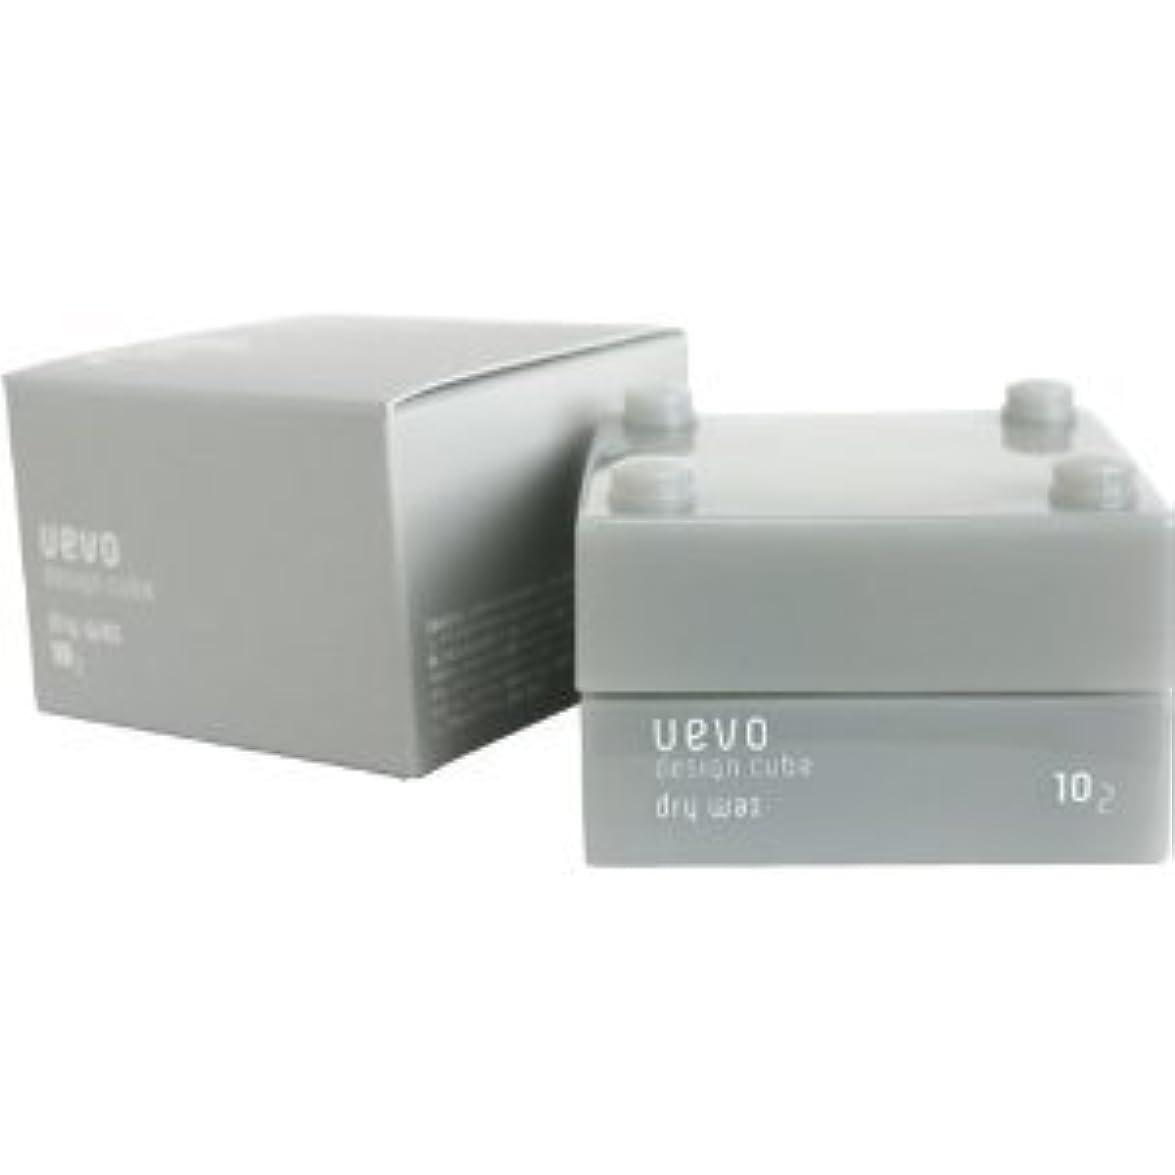 水分テロ繕う【X2個セット】 デミ ウェーボ デザインキューブ ドライワックス 30g dry wax DEMI uevo design cube